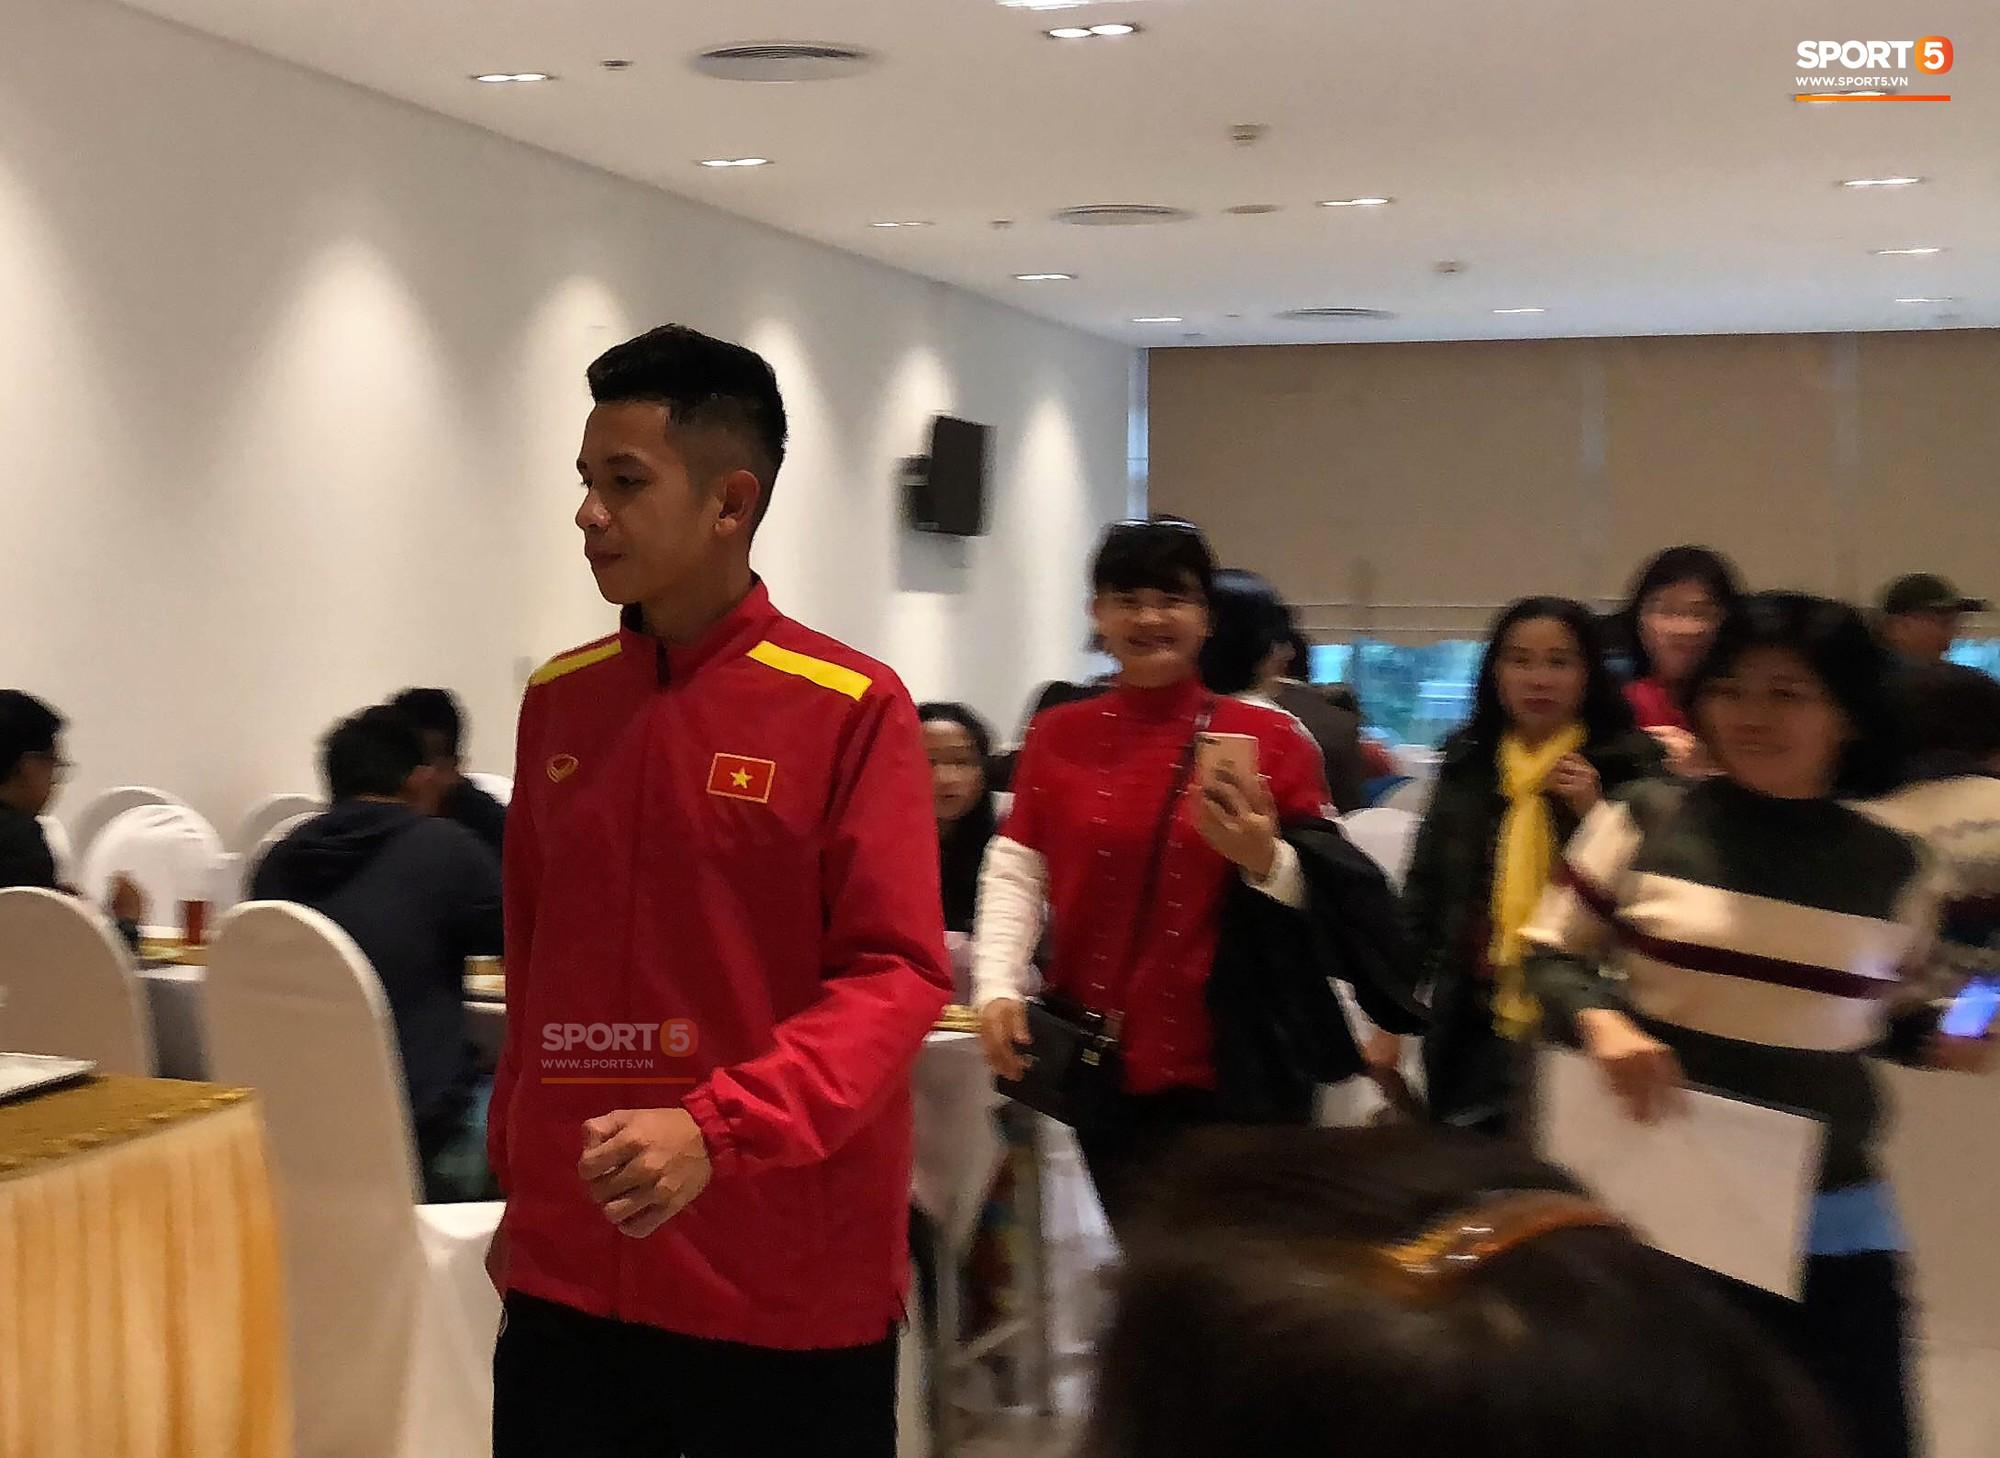 Bữa sáng giản dị của tuyển Việt Nam trước trận chung kết lịch sử - Ảnh 8.